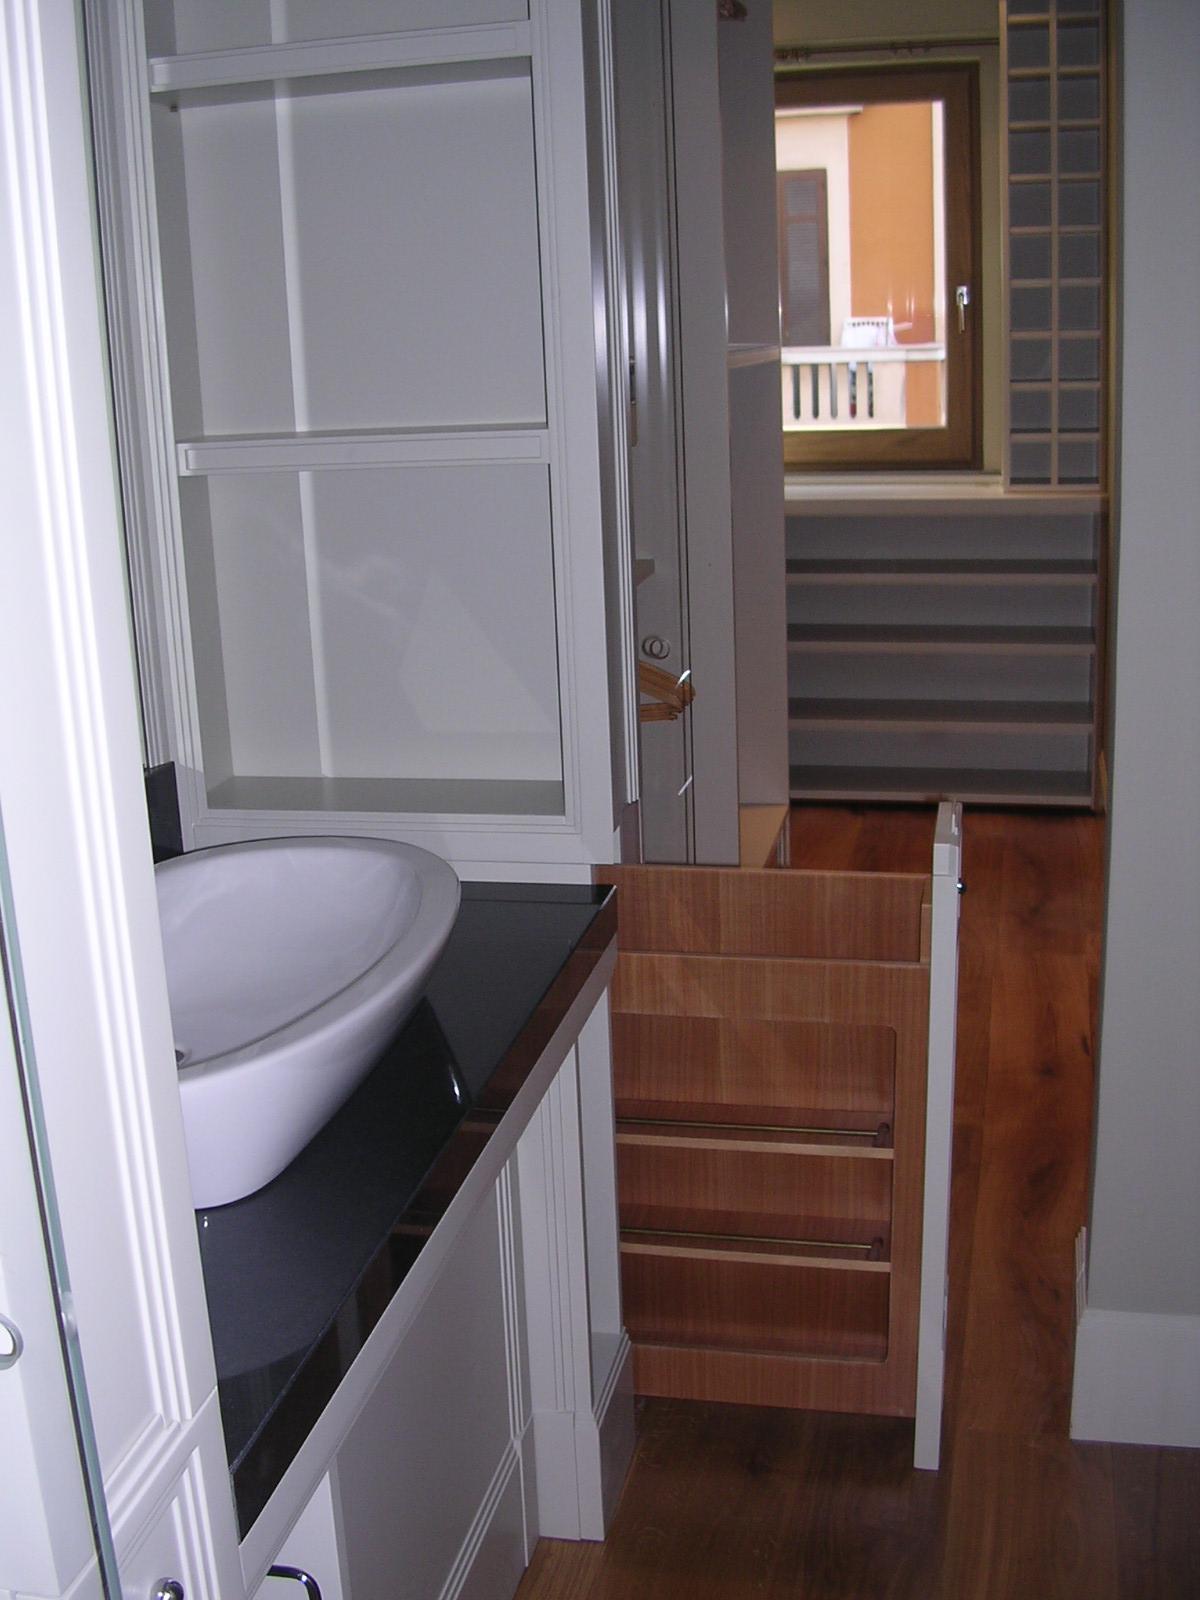 Arredamento di un bagno rdarredamenti roma falegnameria - Costruire un mobiletto per il bagno ...